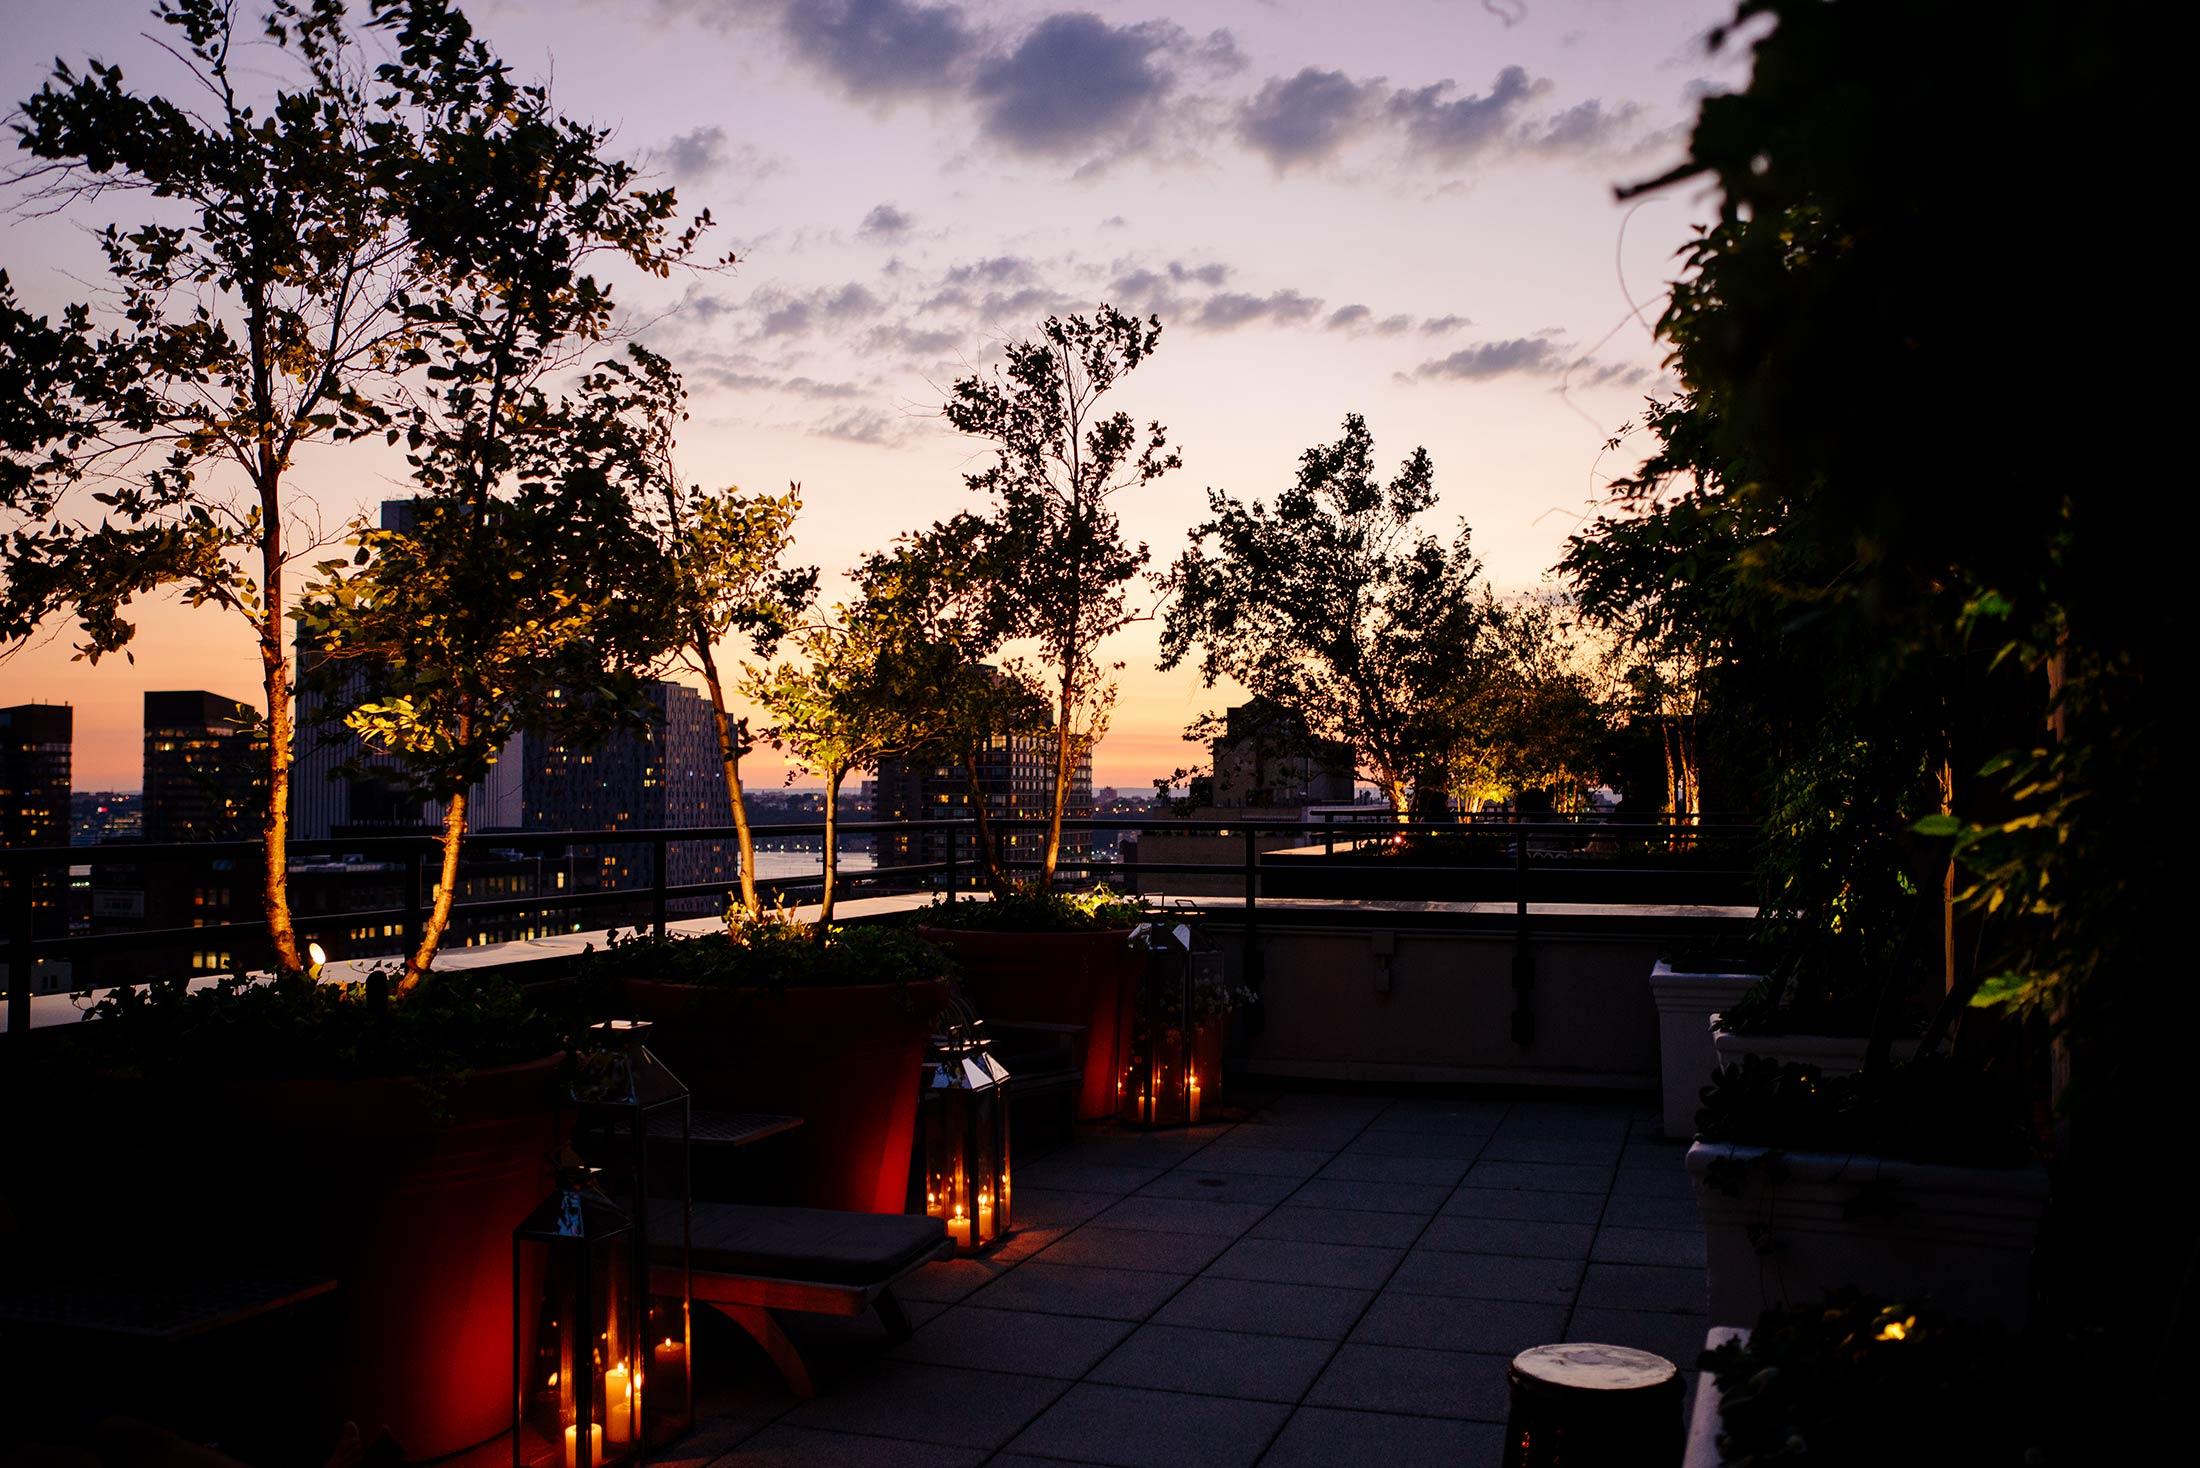 NYC_NewYorkCity_11-Mitja_Schneehage